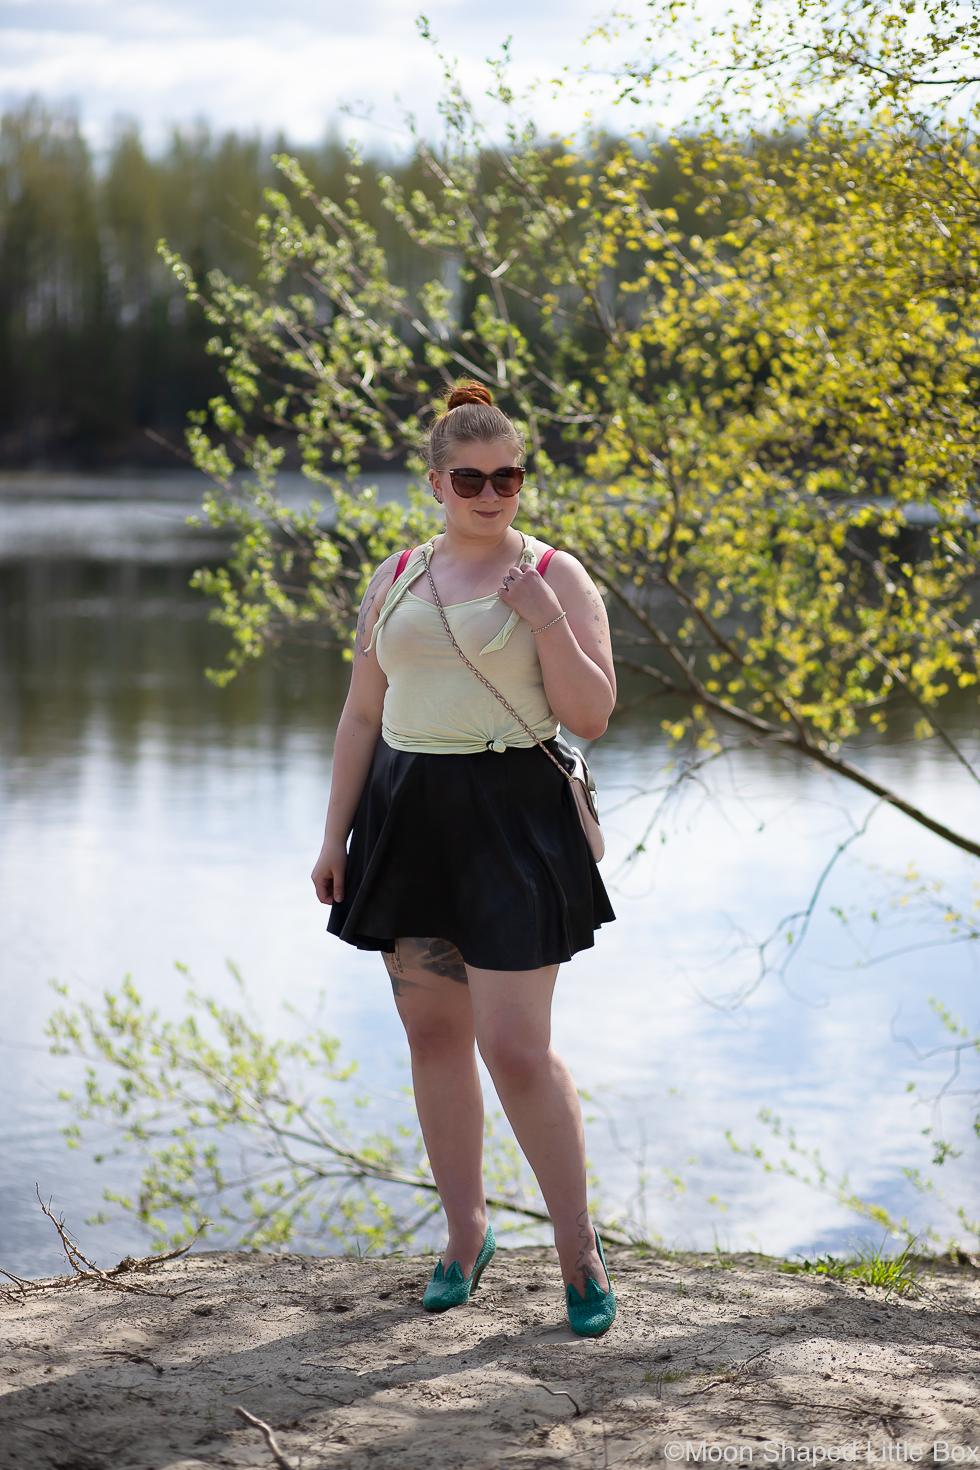 Paivan-asu-tyyliblogiin-Pohjois-Karjala